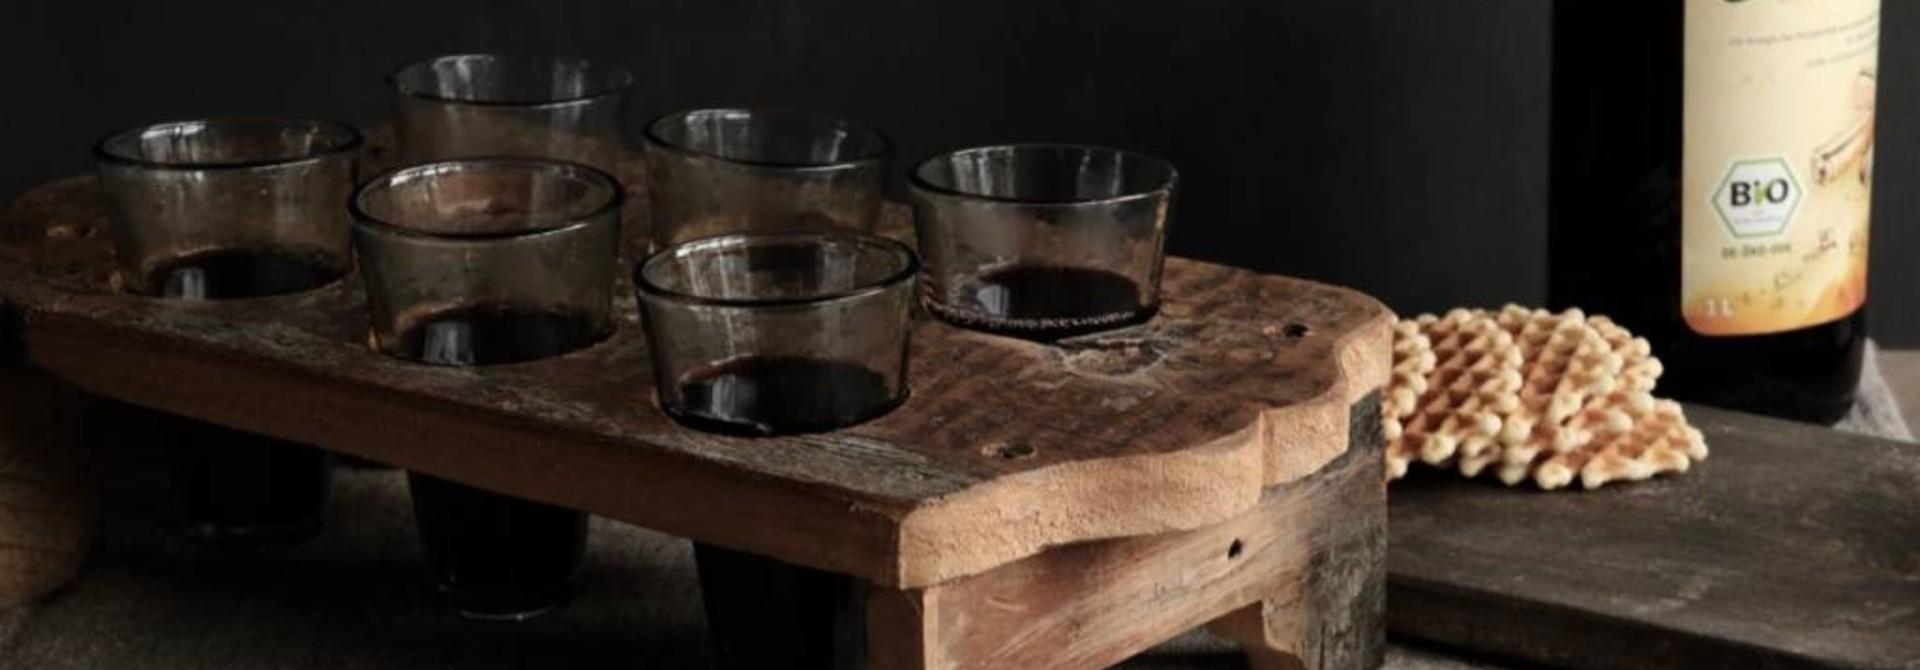 Holztablett mit sechs kleinen Gläsern